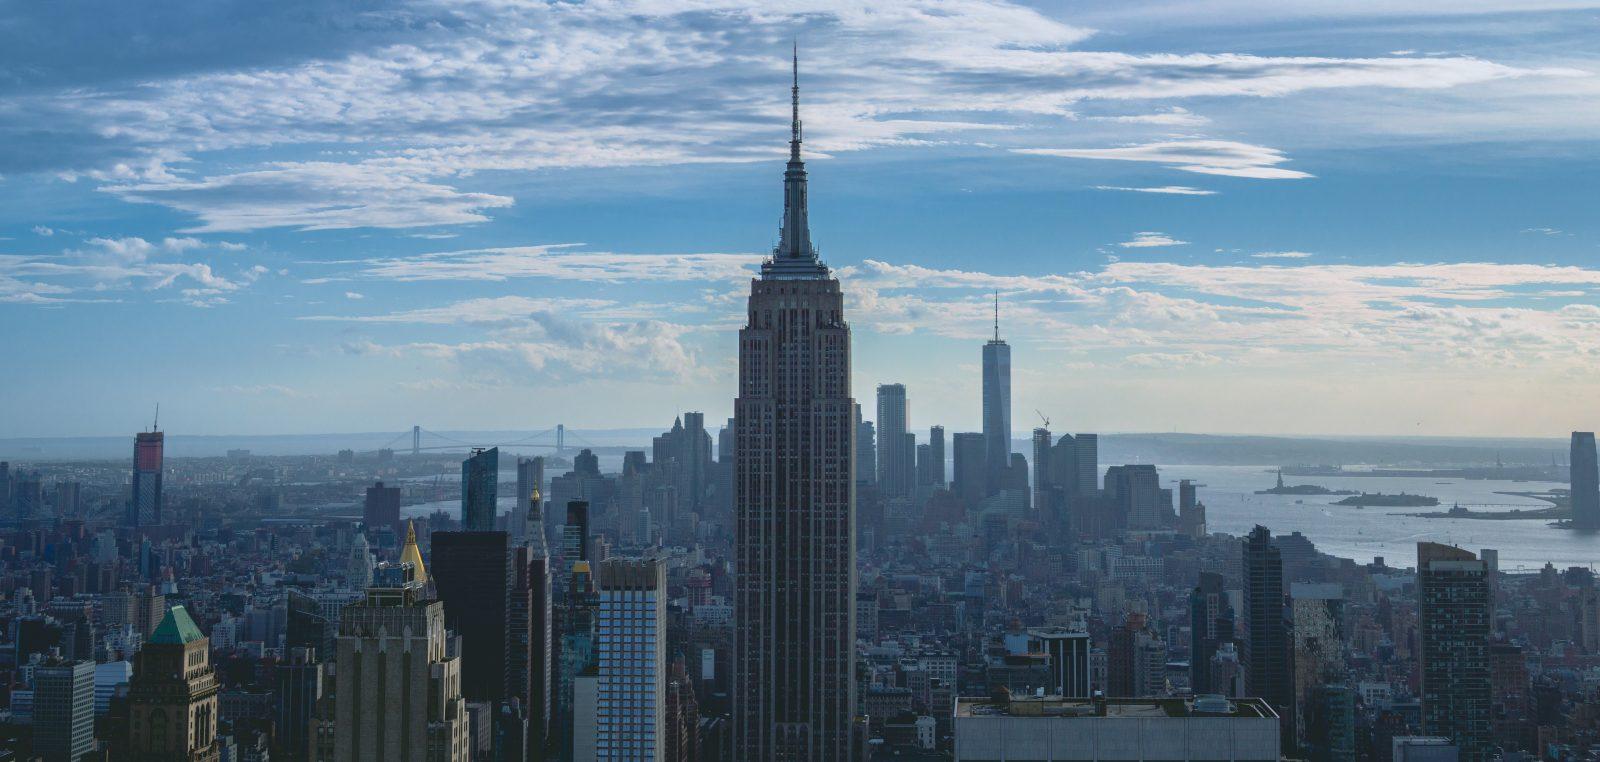 proyoqv1fno - Rockefeller Center